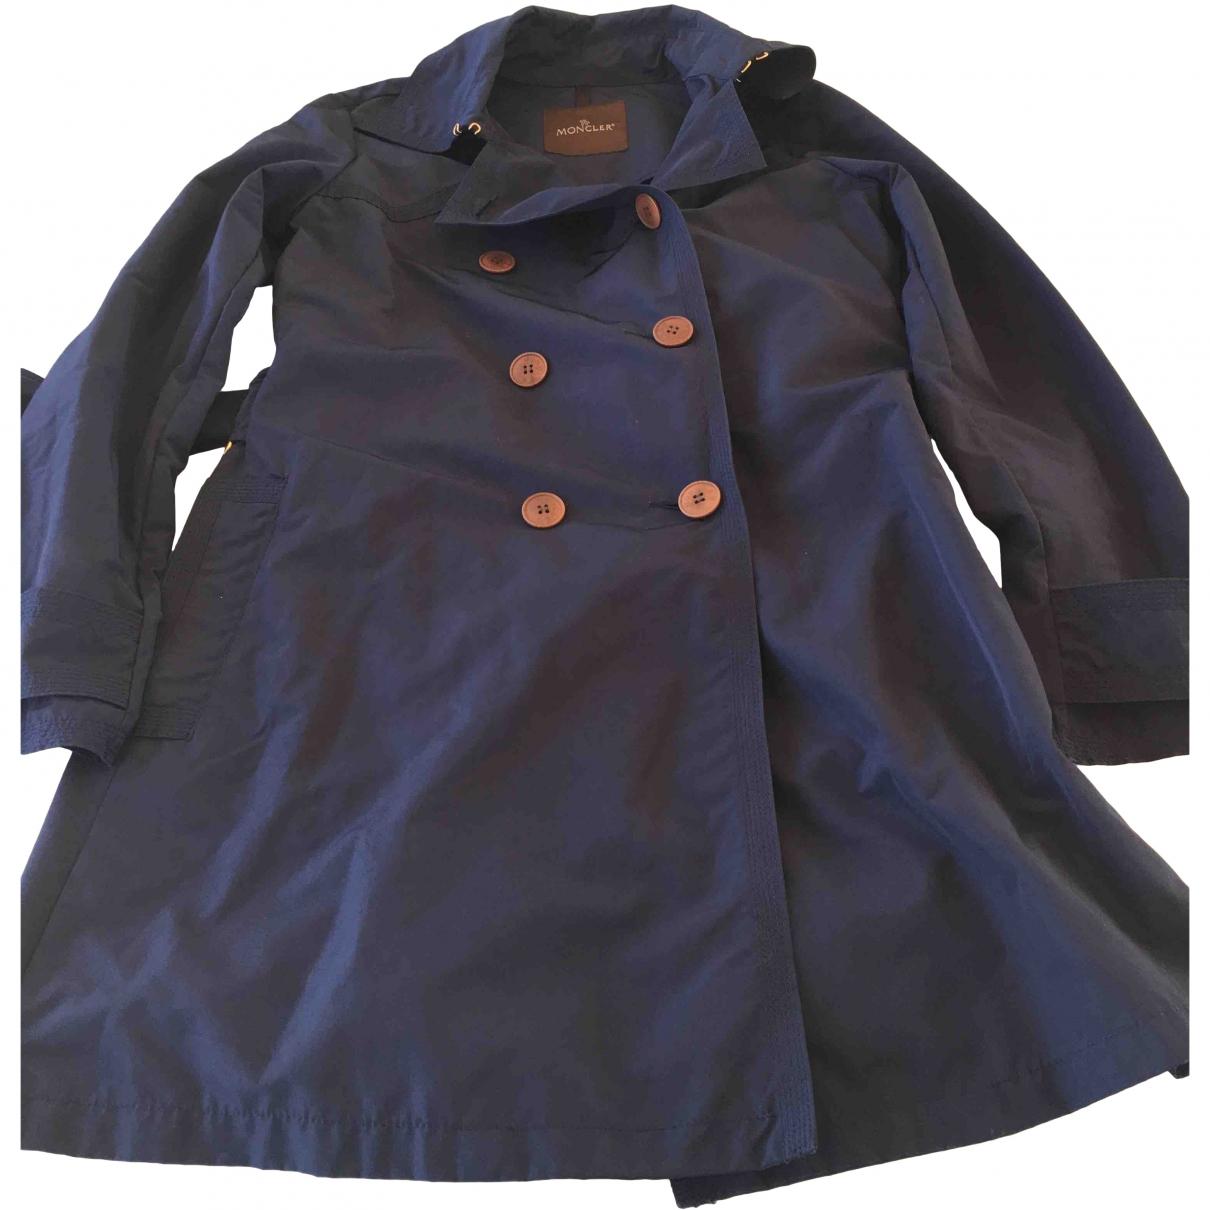 Moncler \N Blue jacket & coat for Kids 16 years - M FR